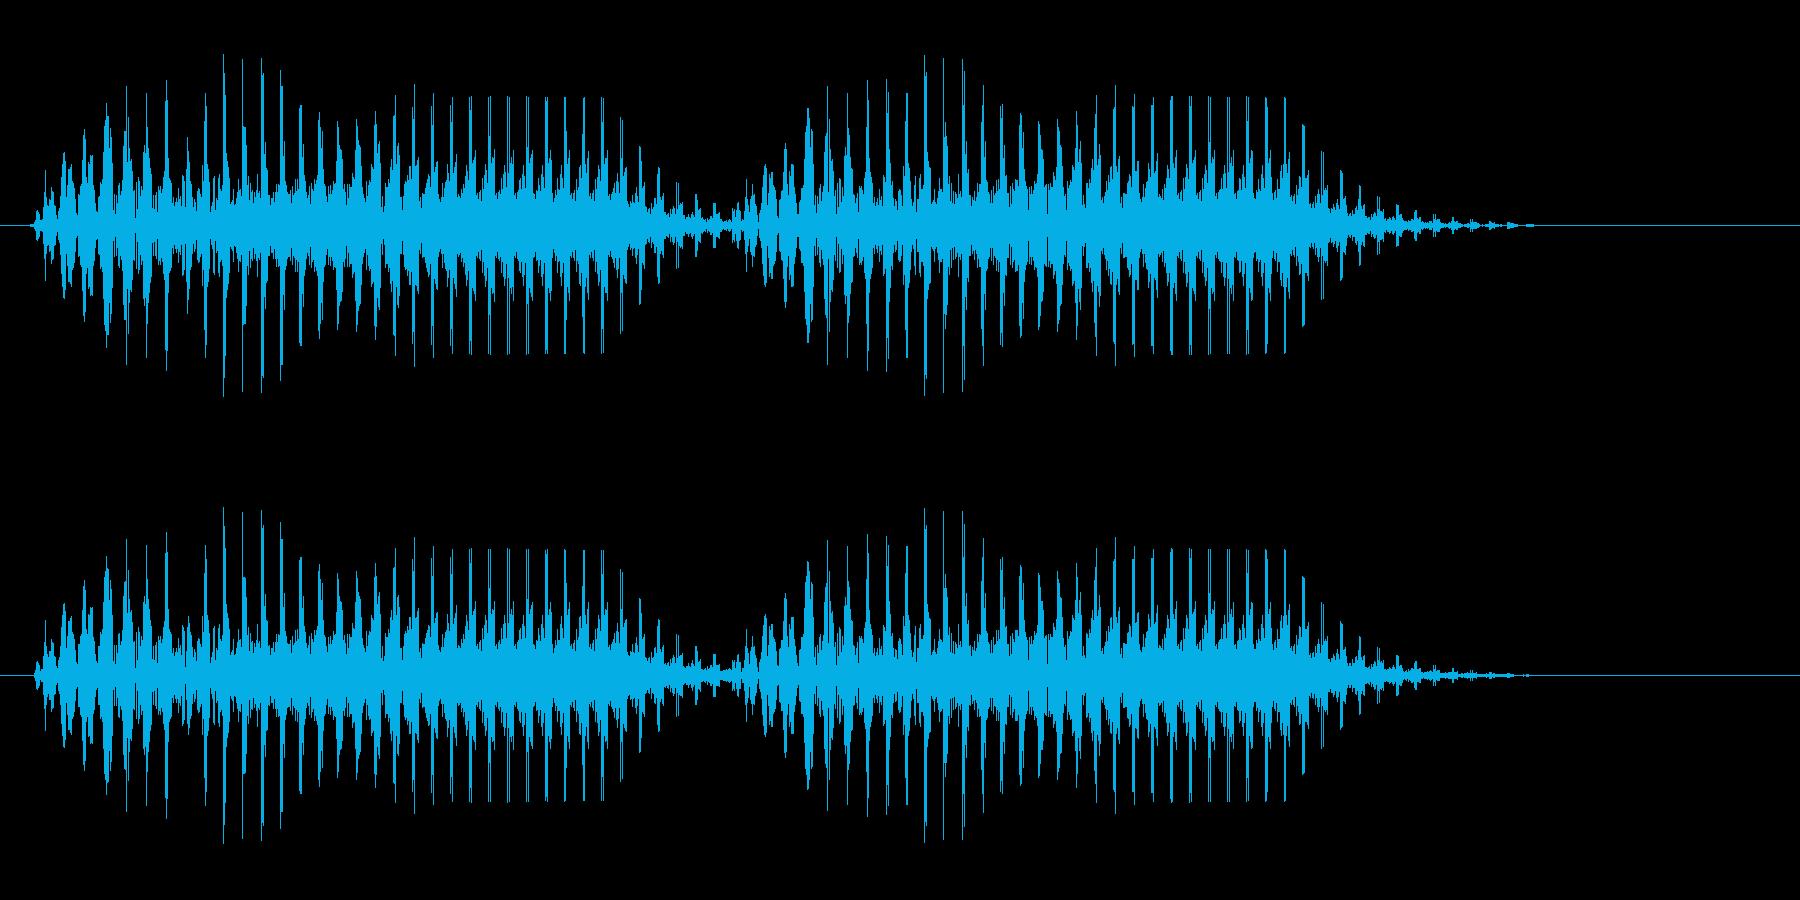 ブゥブゥ(年代物クラクションによる合図)の再生済みの波形